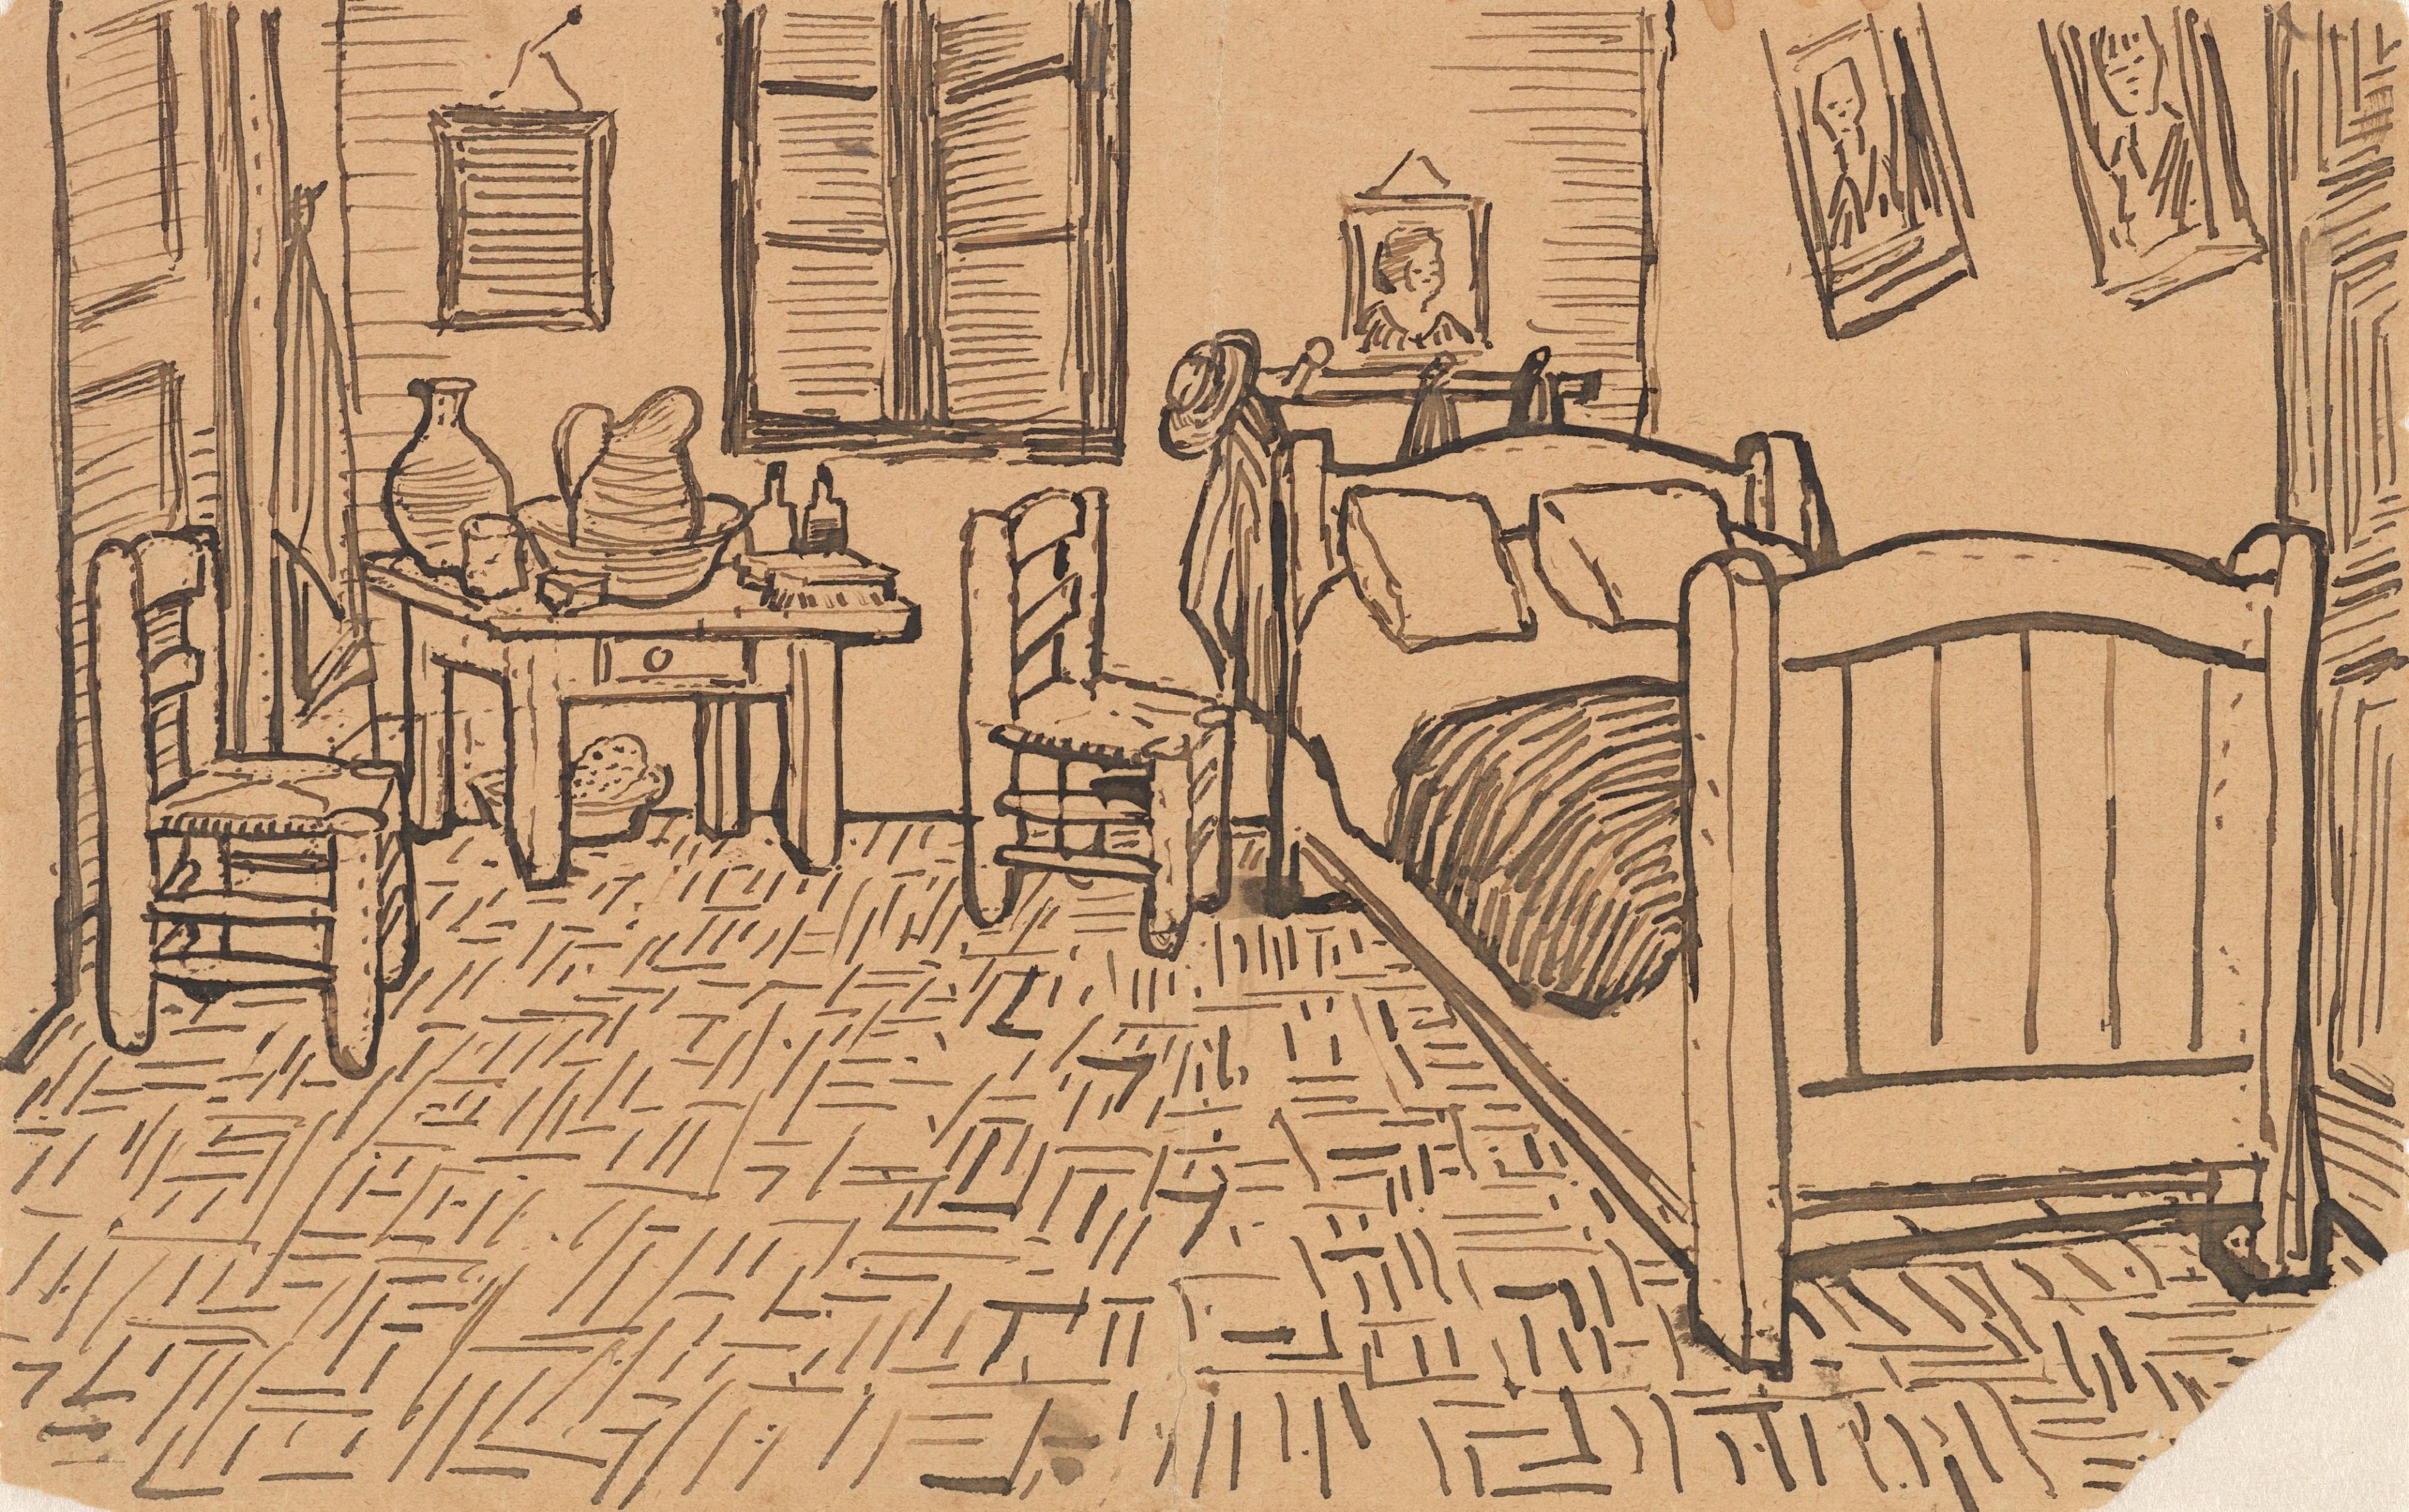 file:vincent van gogh - vincent's bedroom in arles - letter sketch